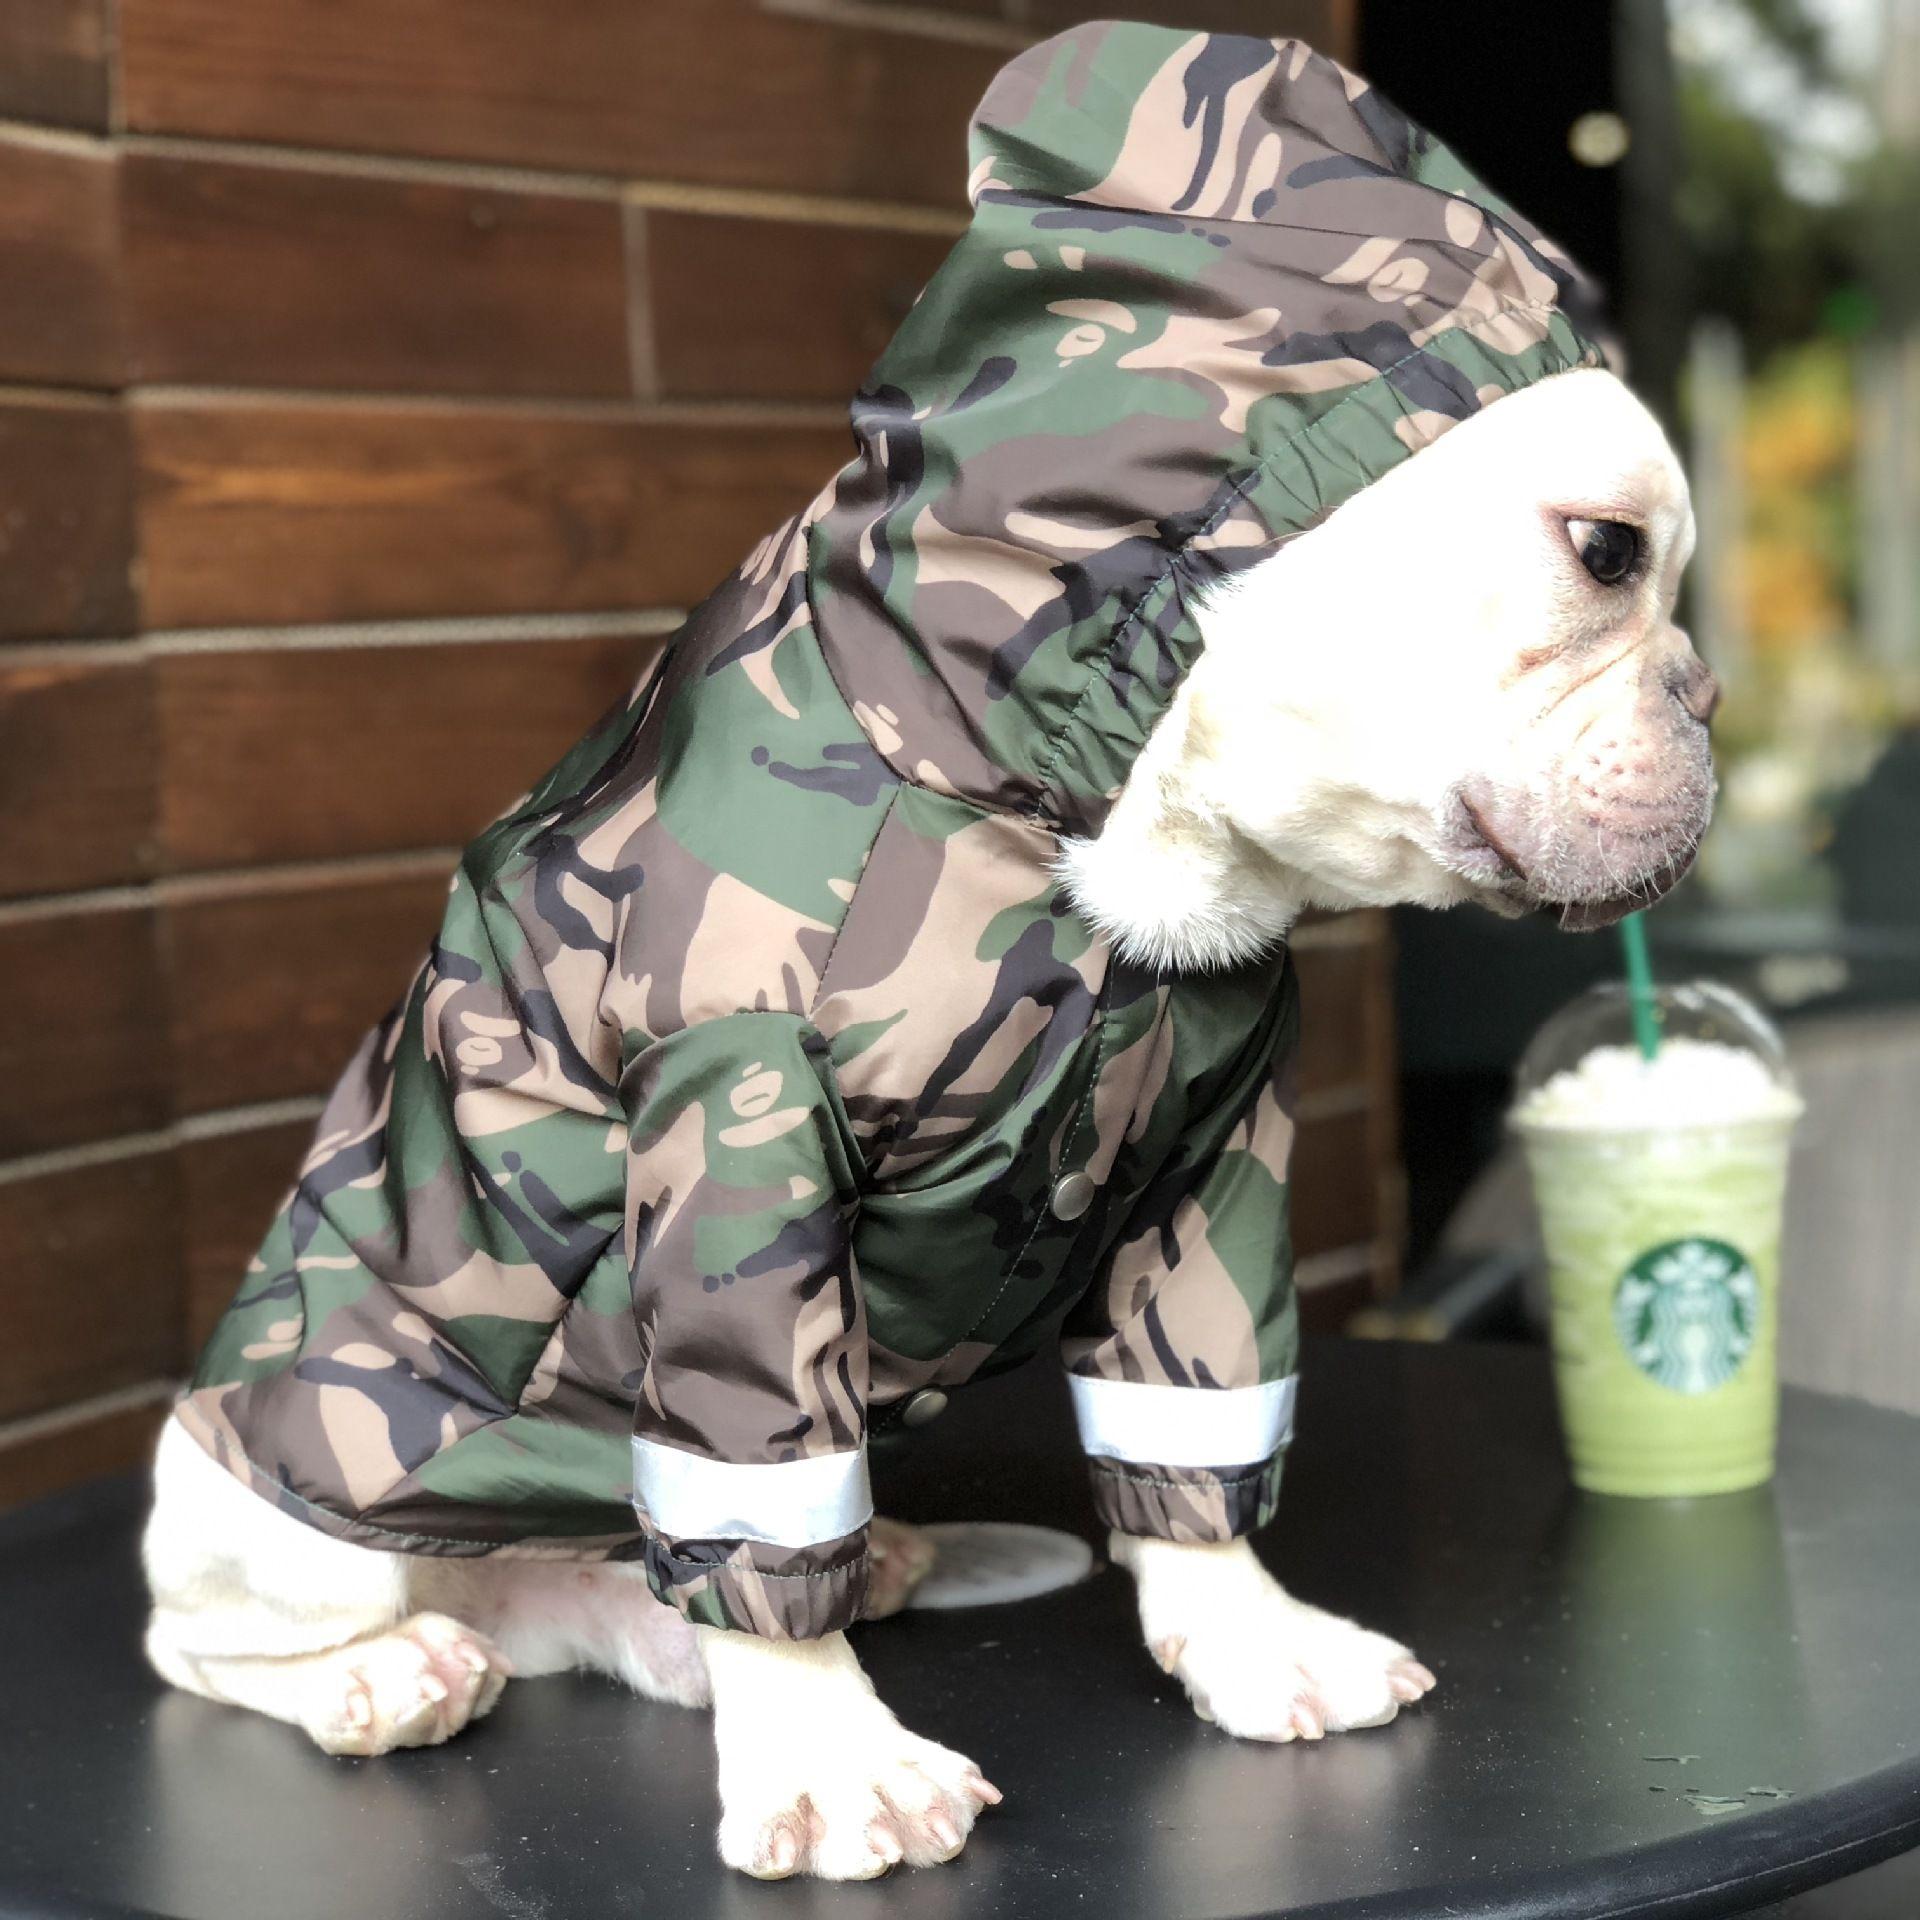 786b583b2 Compre Pet Camuflagem Capa De Chuva Roupa Do Cão Filhote De Cachorro À  Prova D 'Água Capa De Chuva Anti Neve À Prova De Vento Doggie Rainwear  Vestuário S XL ...